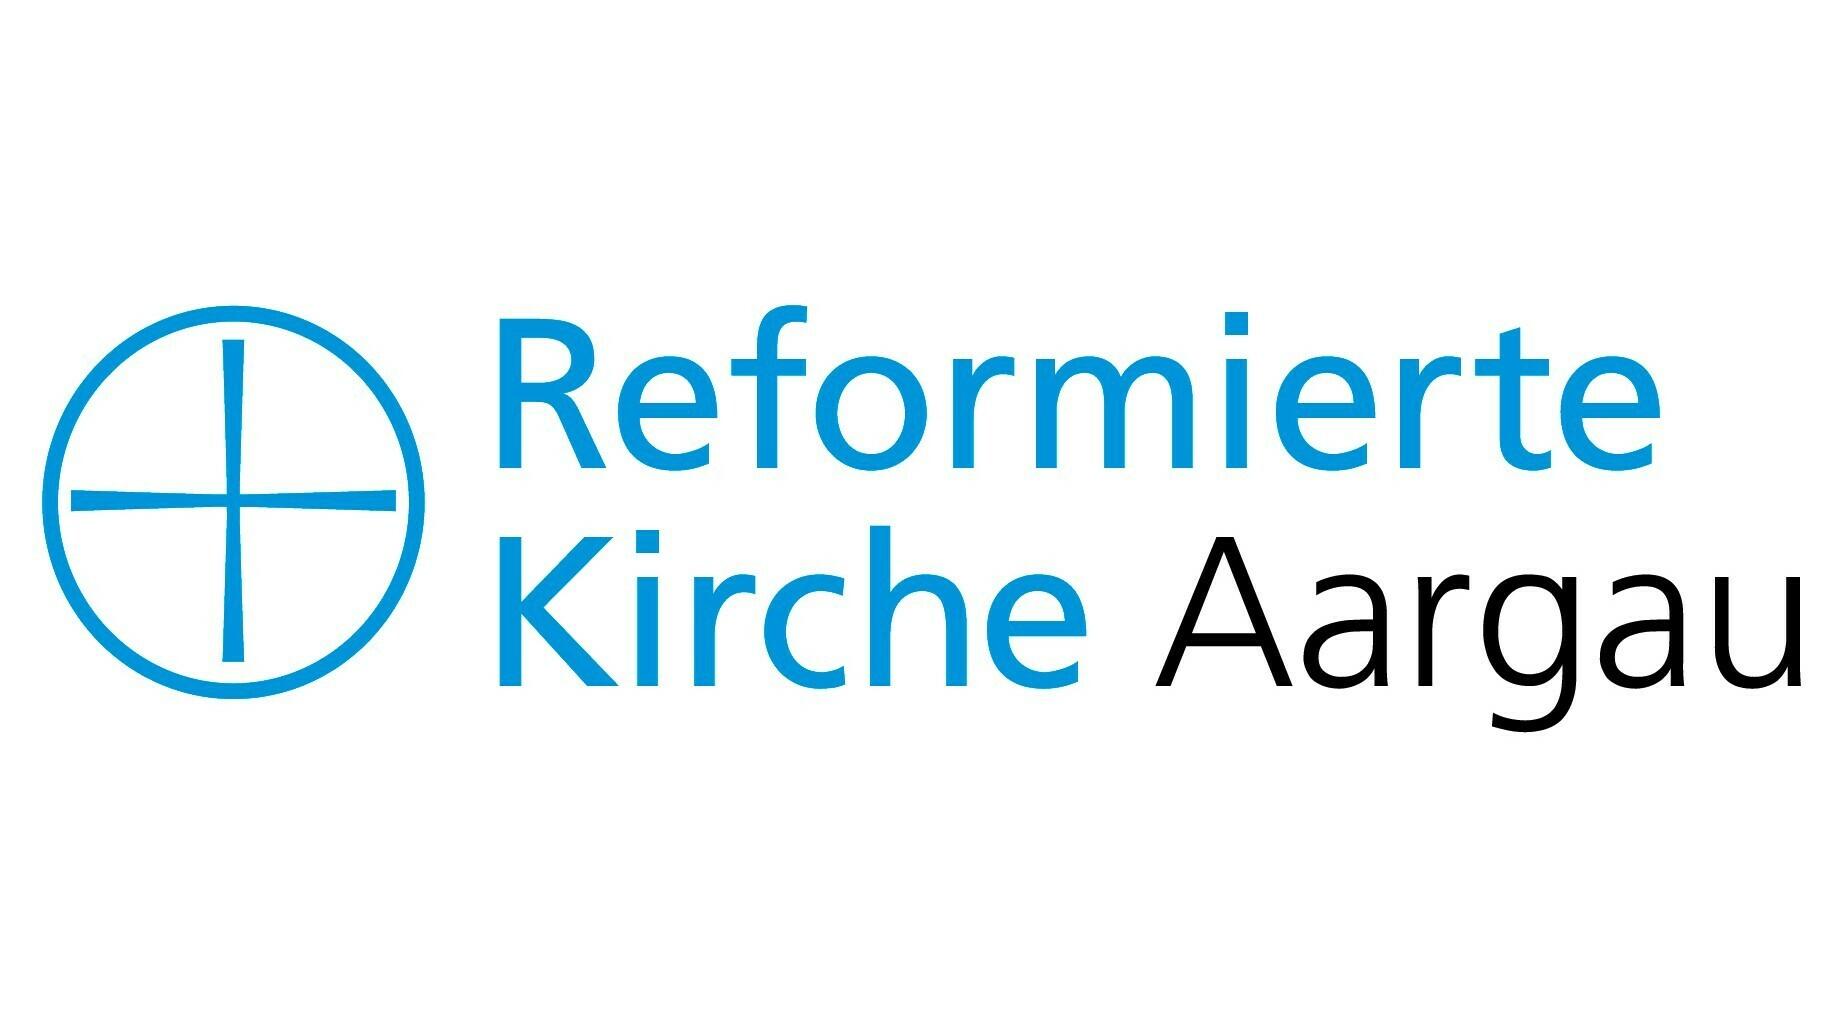 Refomierte Kirche Aargau wortbildmarke RGB 16 9